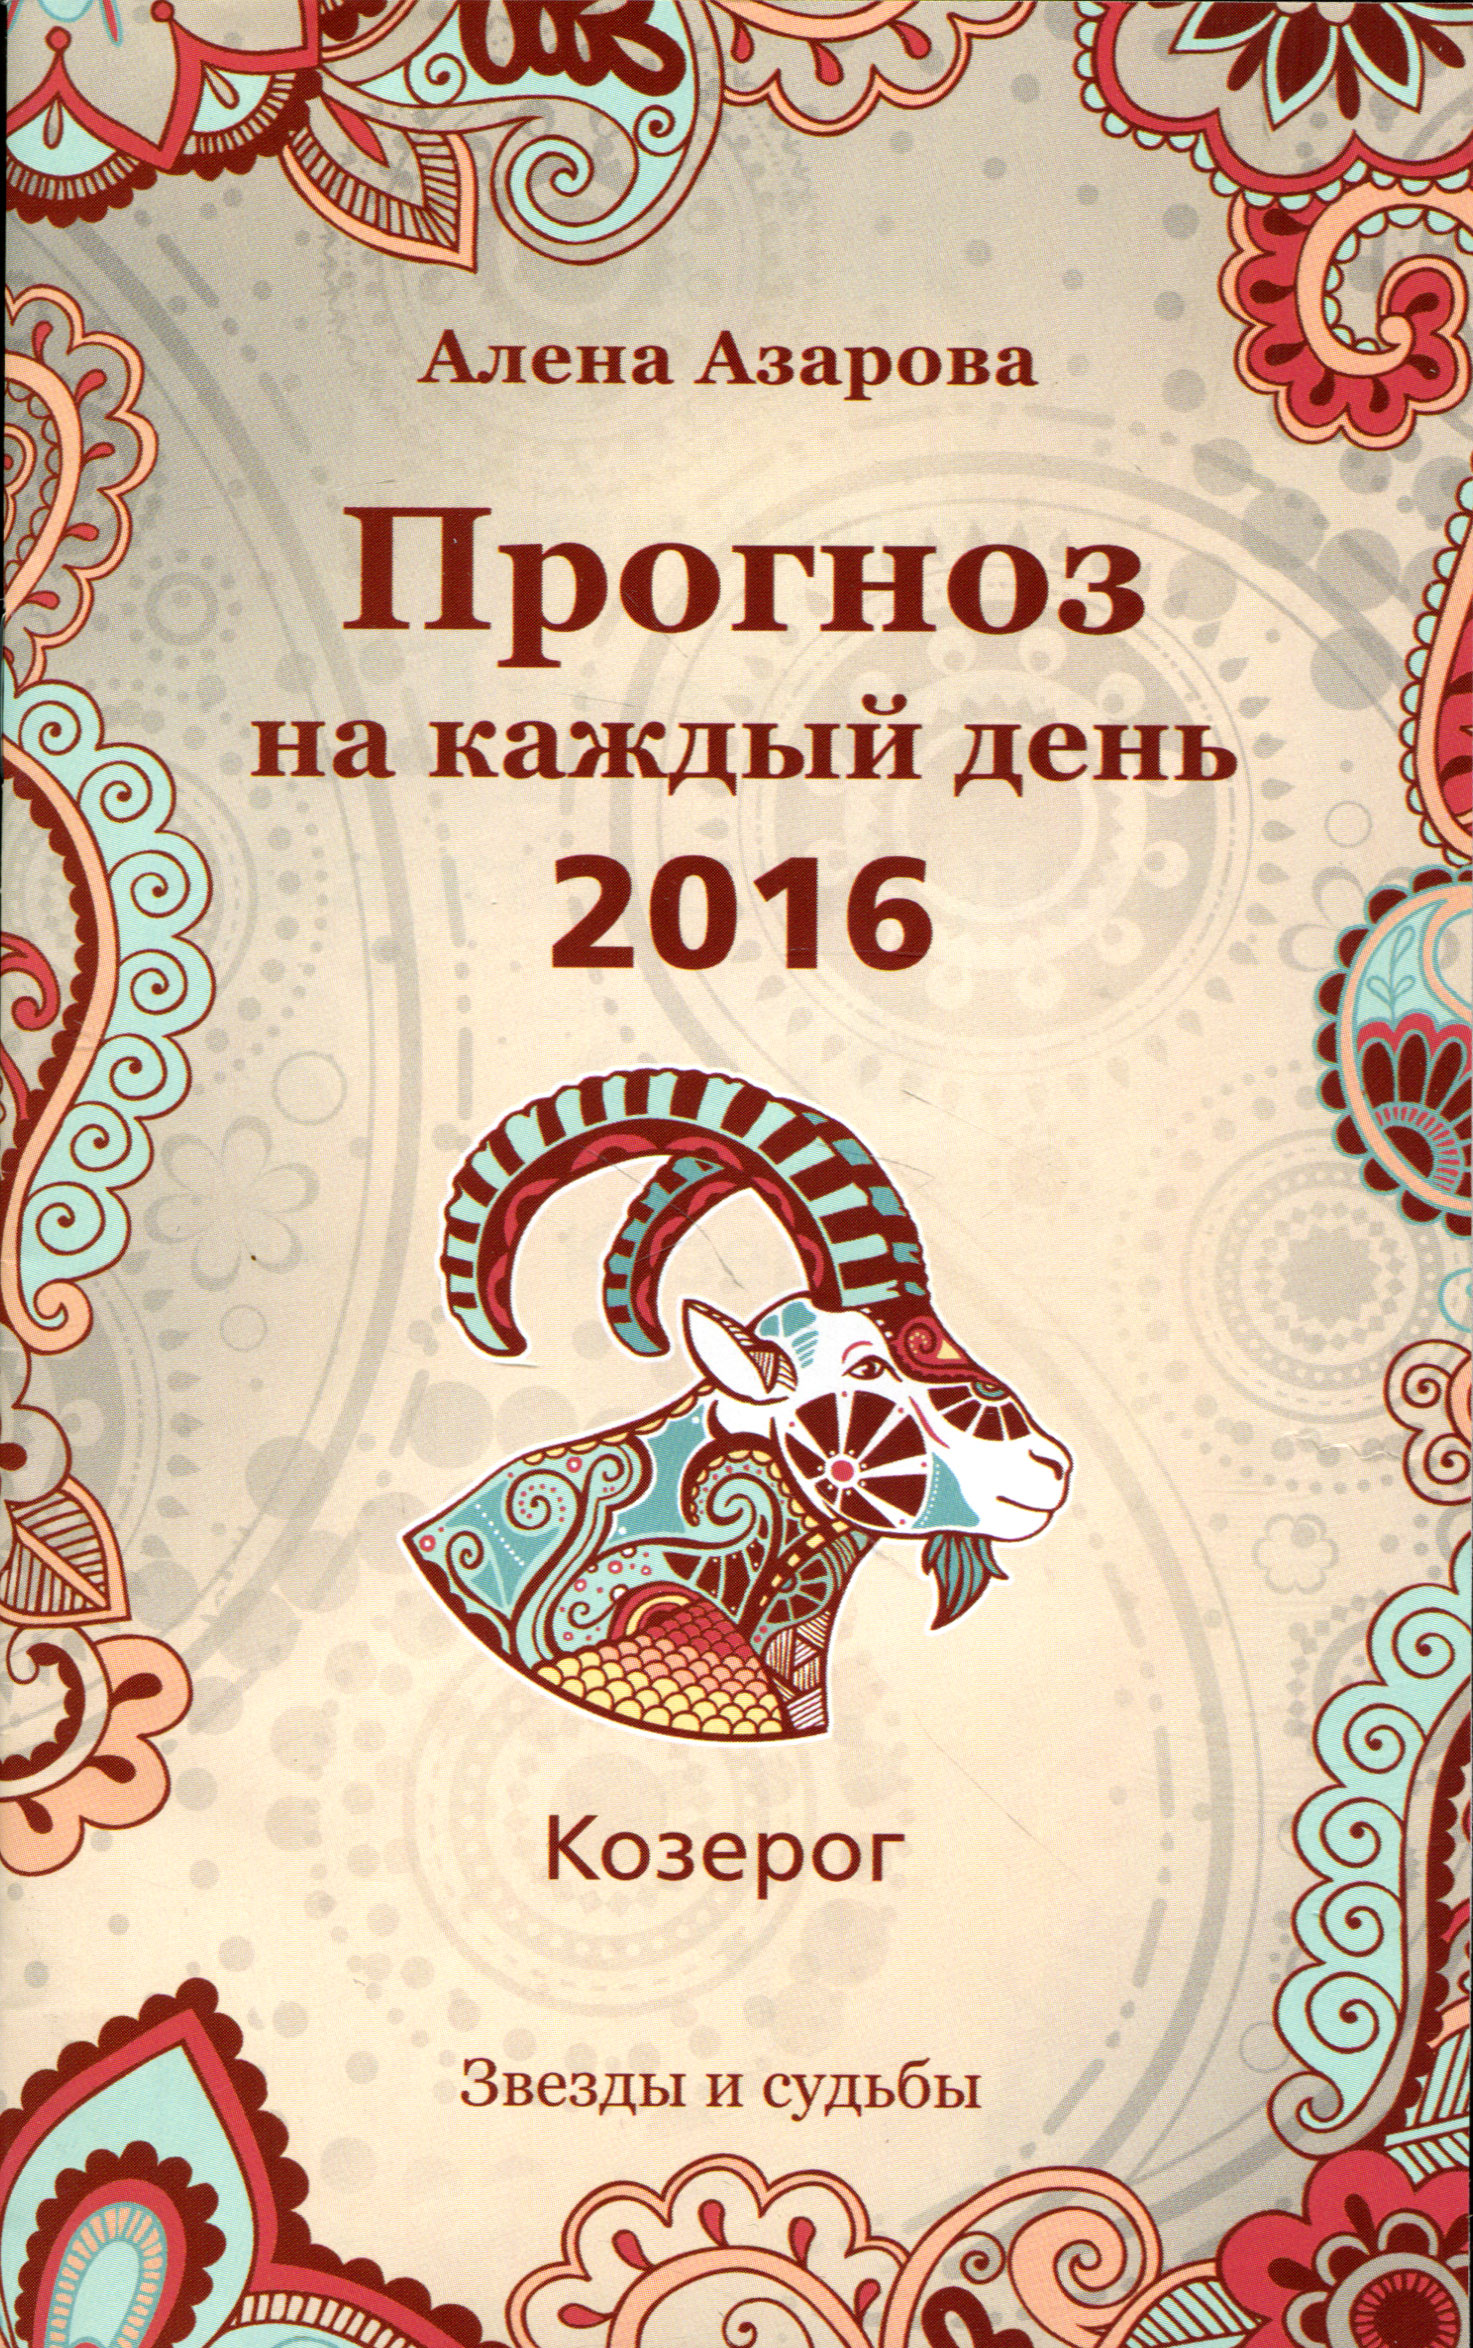 Алена Азарова Прогноз на каждый день. 2016 год. Козерог алена азарова прогноз на каждый день 2016 год весы